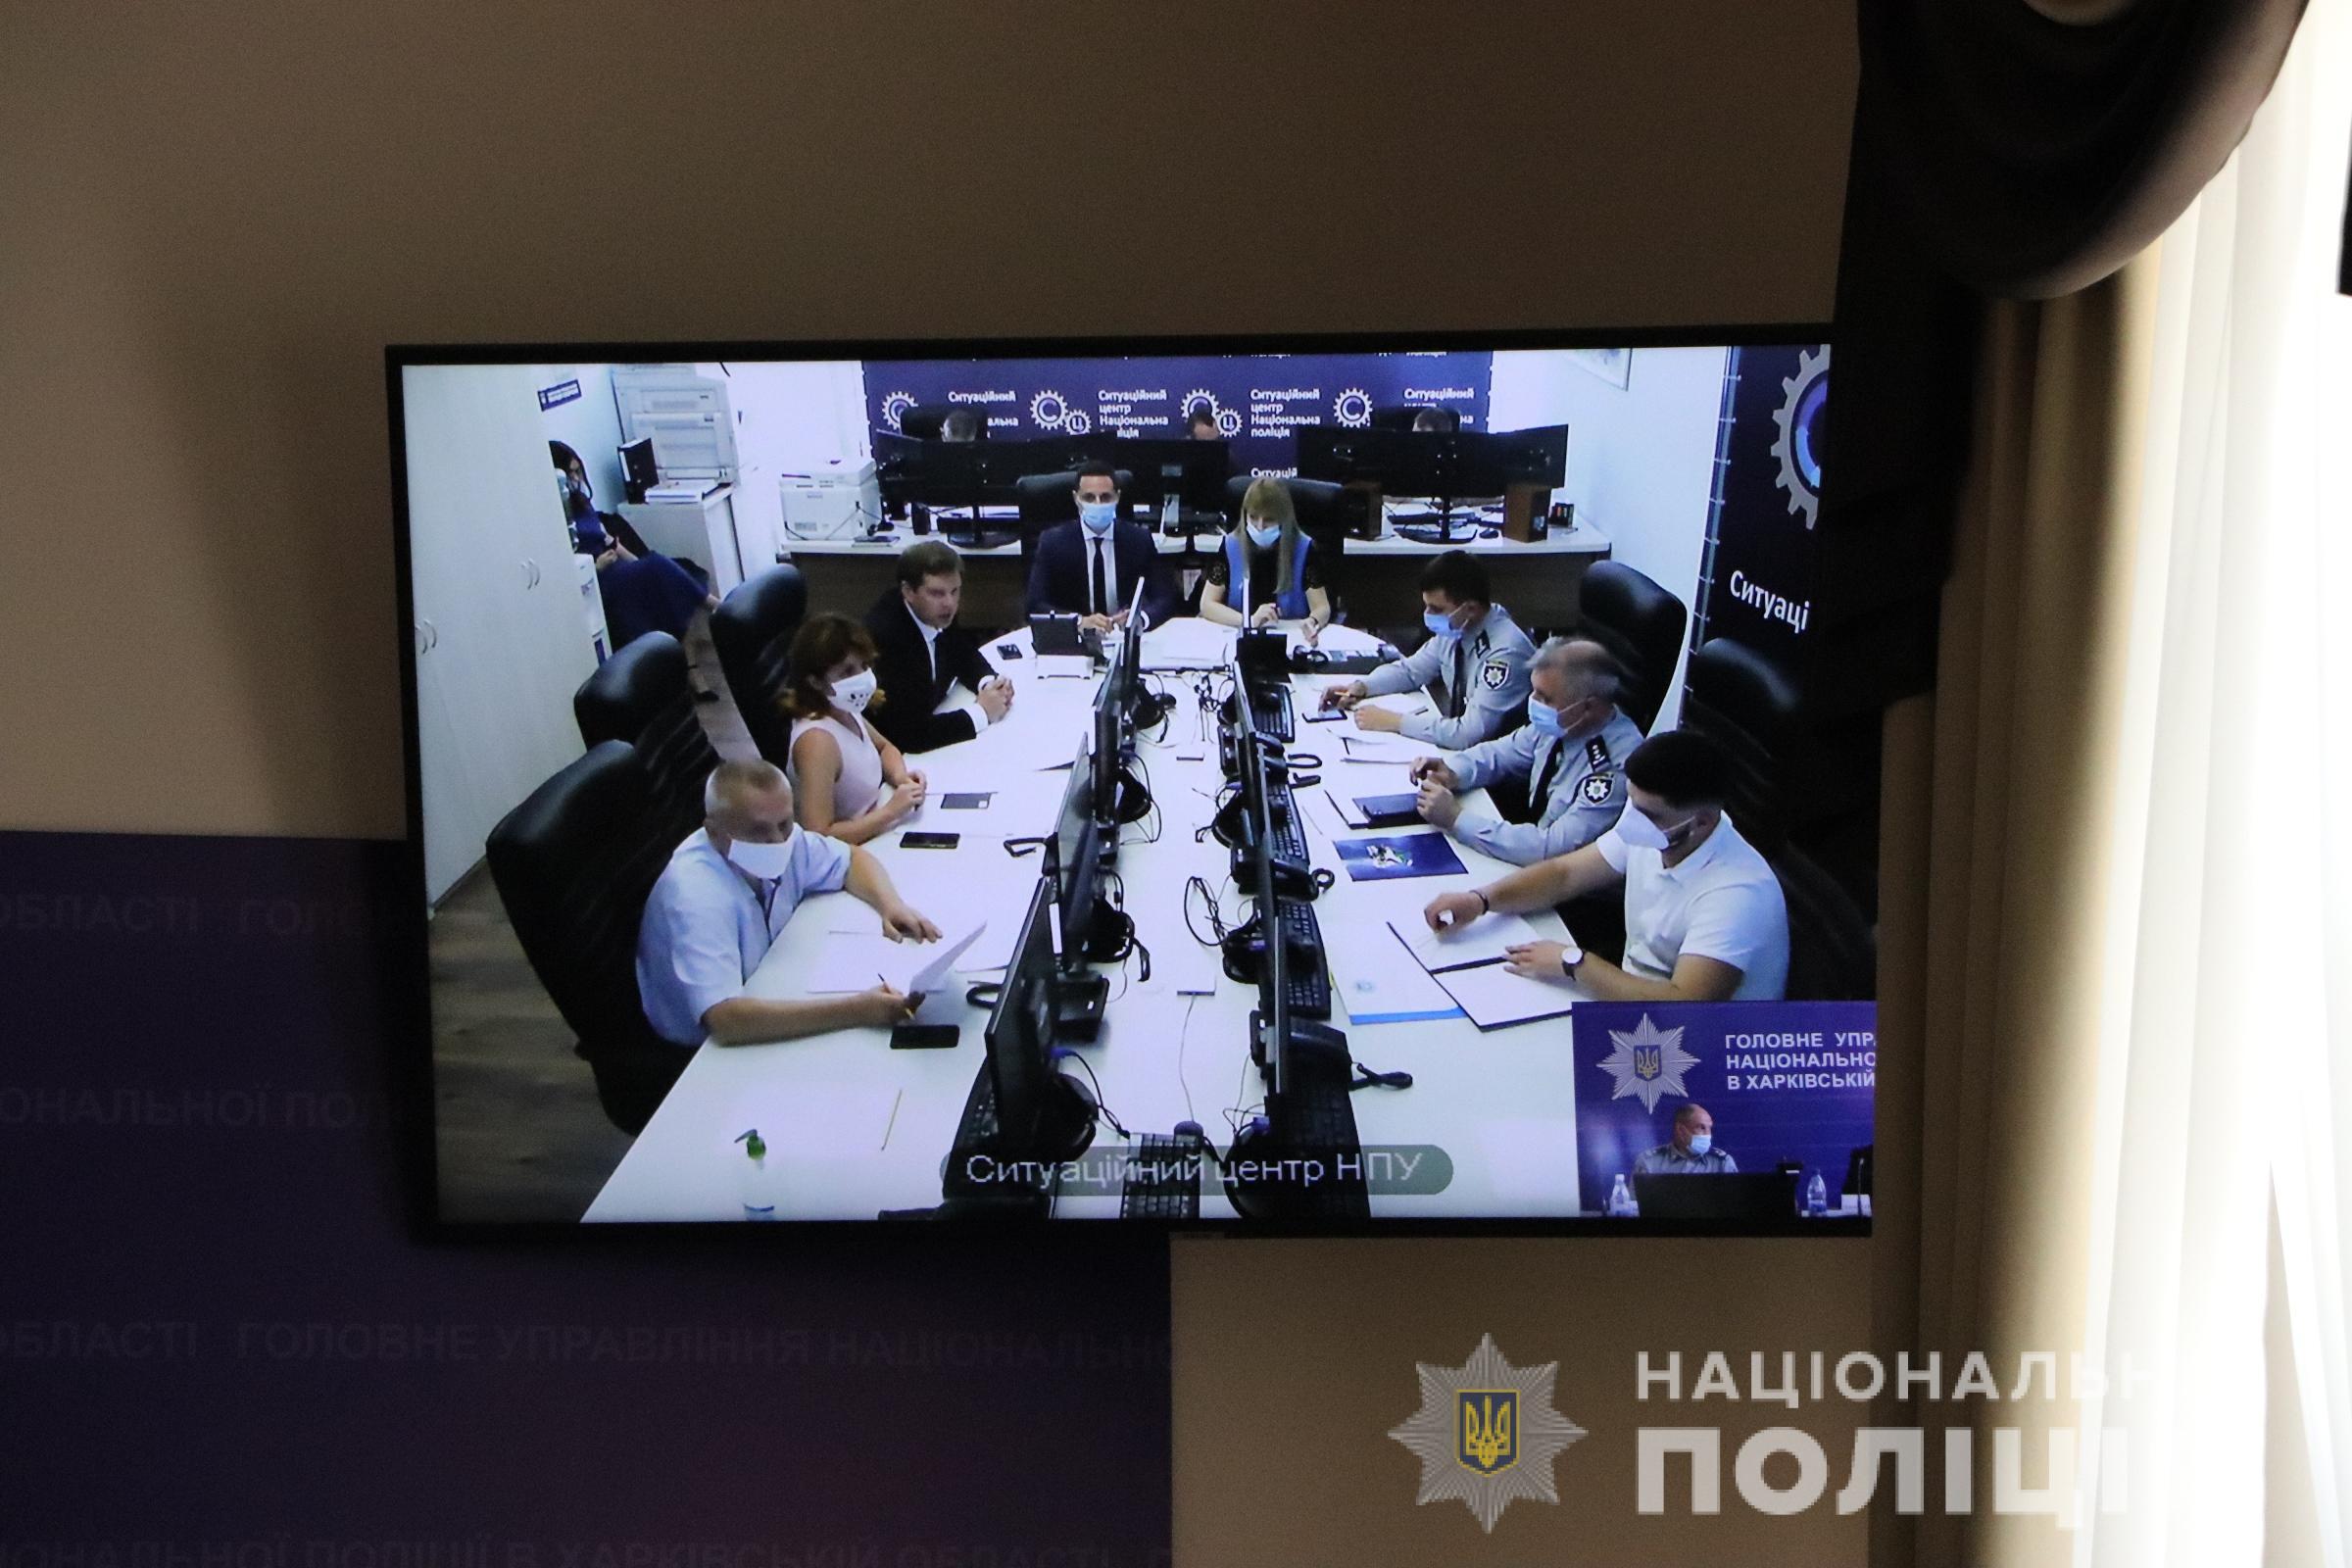 Руководители харьковской полиции обсудили вопросы обеспечения безопасности и социальной защиты детей